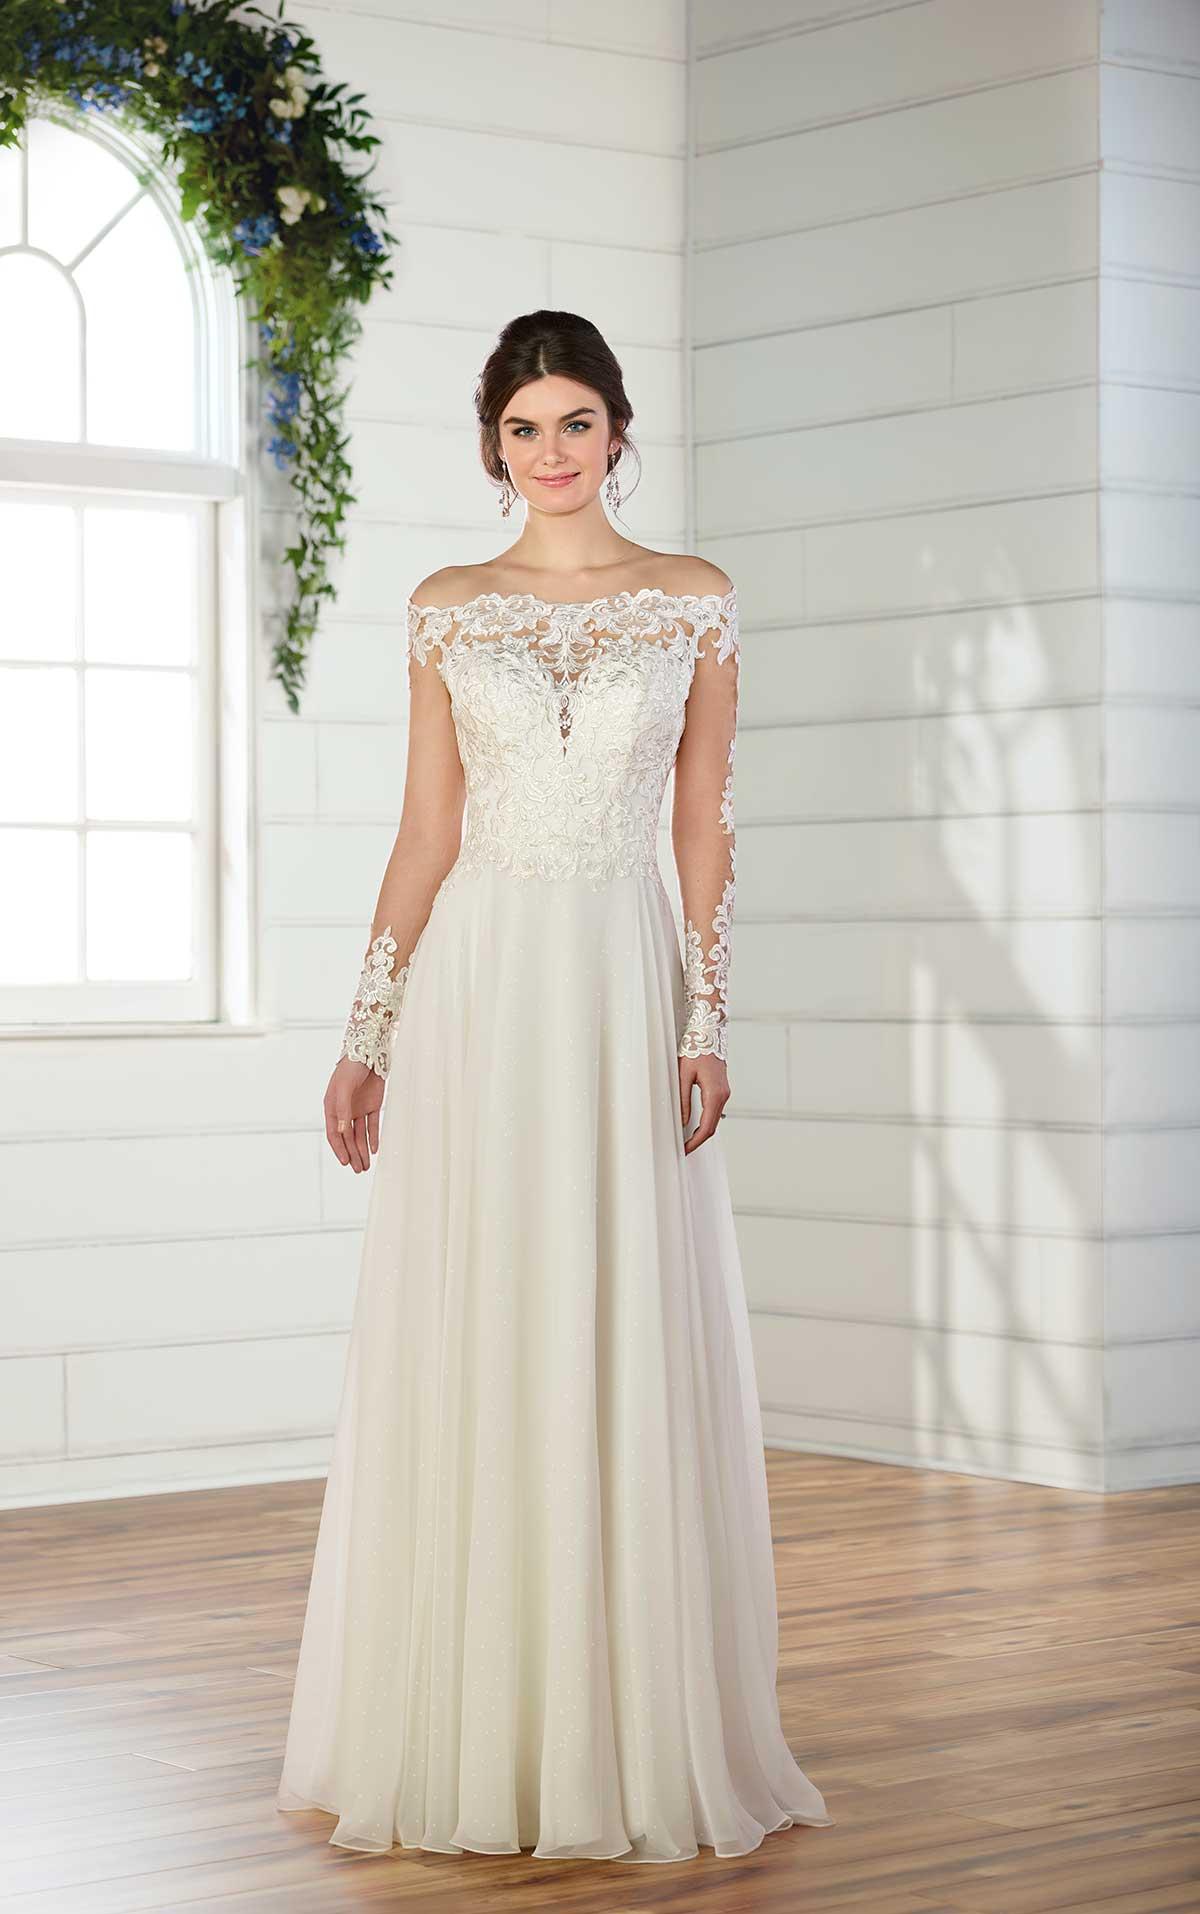 Timeless Bridalwear   Affordable Designer Wedding Dresses   Trim ...